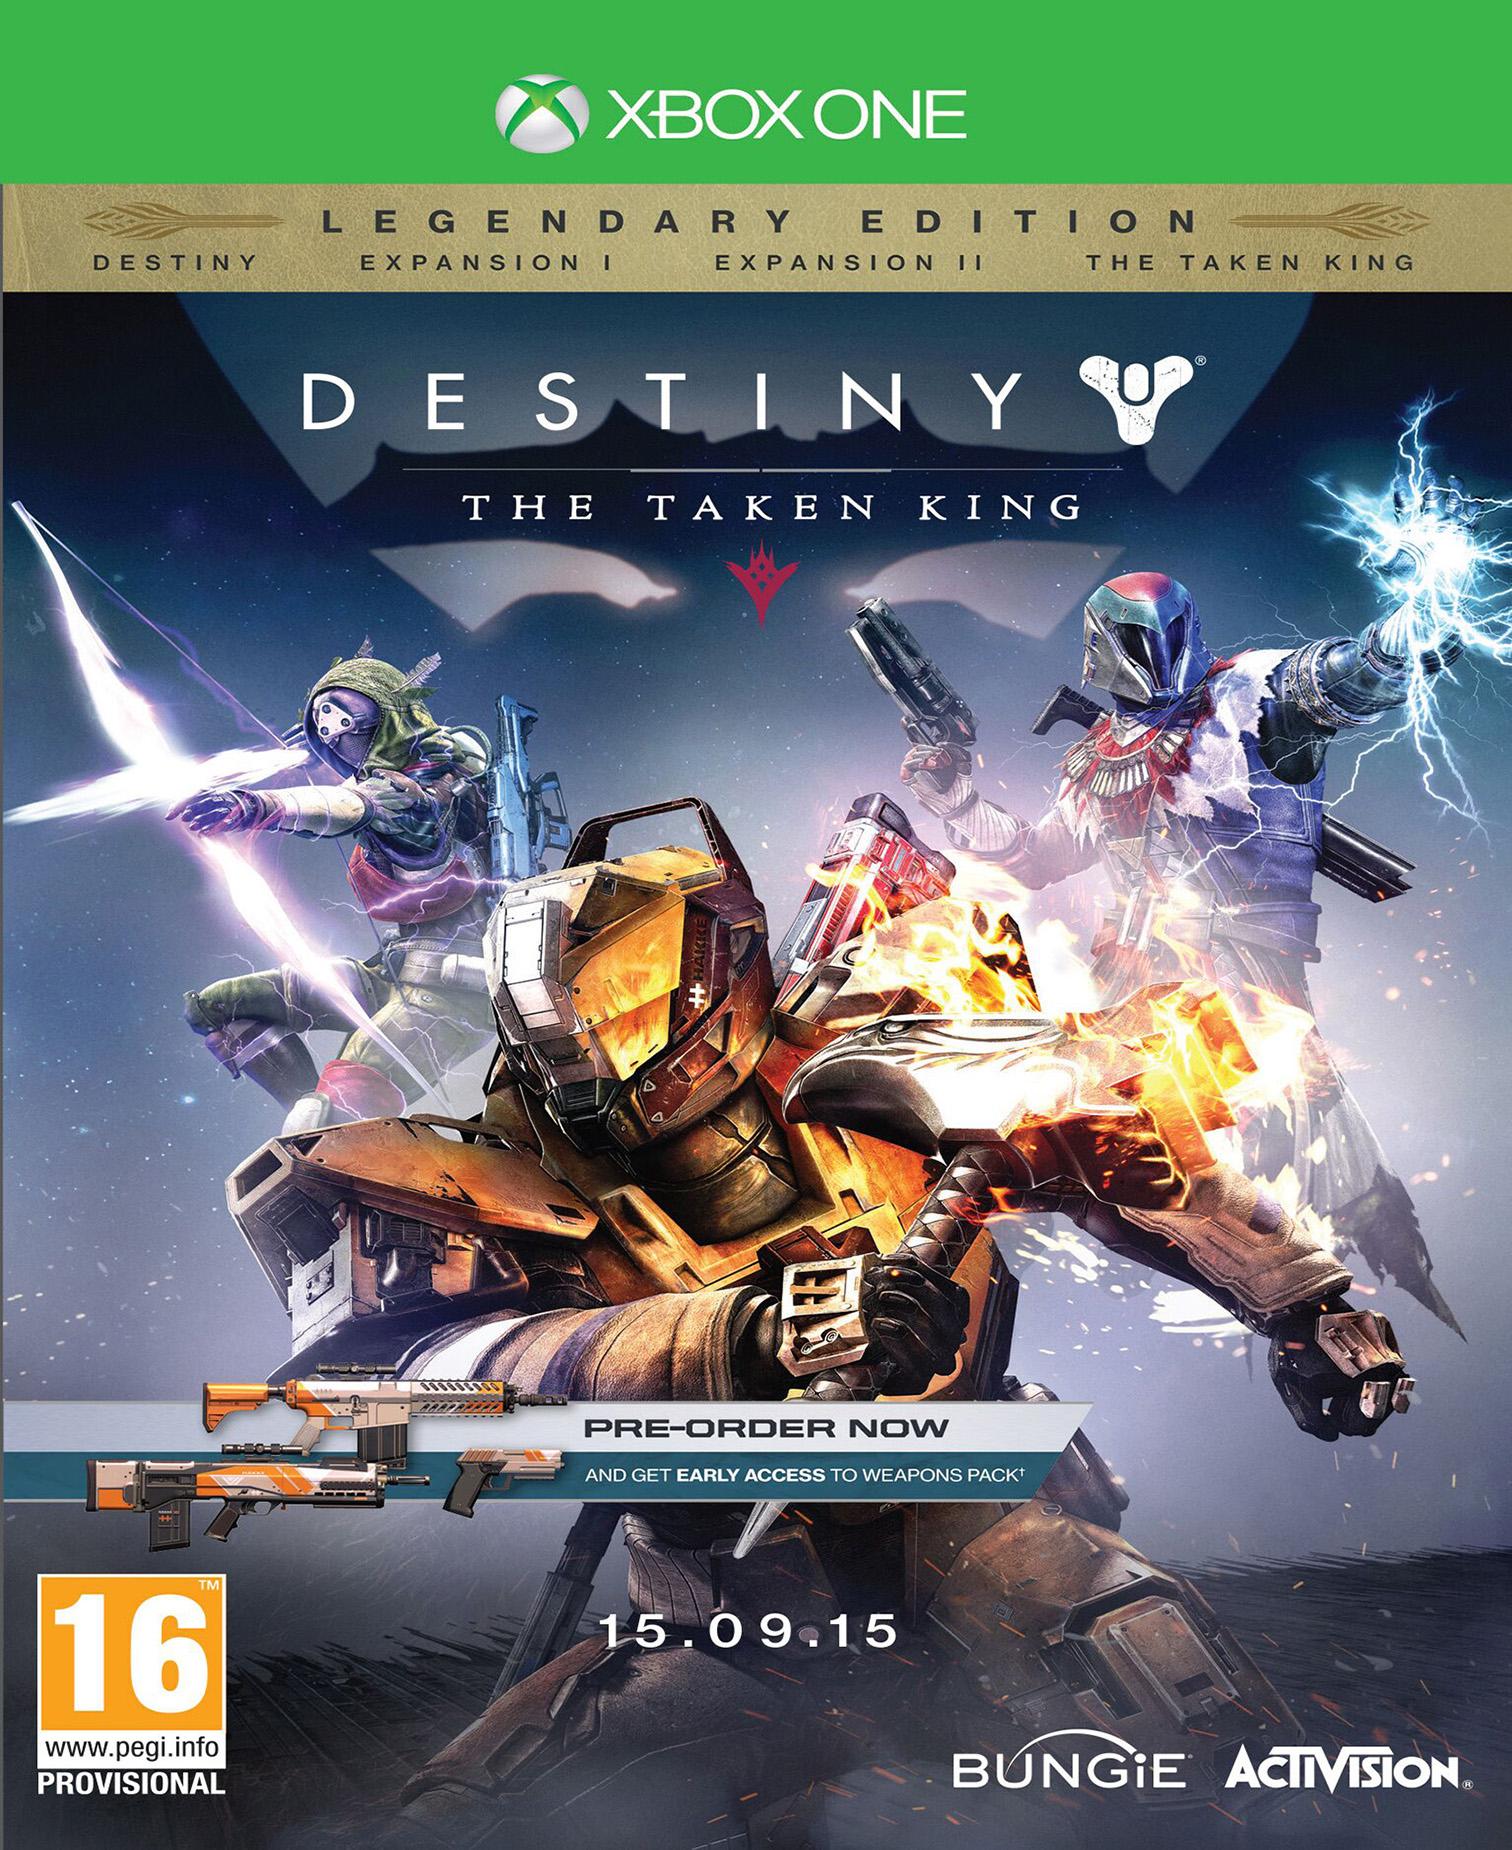 ACTUALIZADO 4 DICIEMBRE Xbox Live: Deals With Gold Del 1 Diciembre al 7 de Diciembre